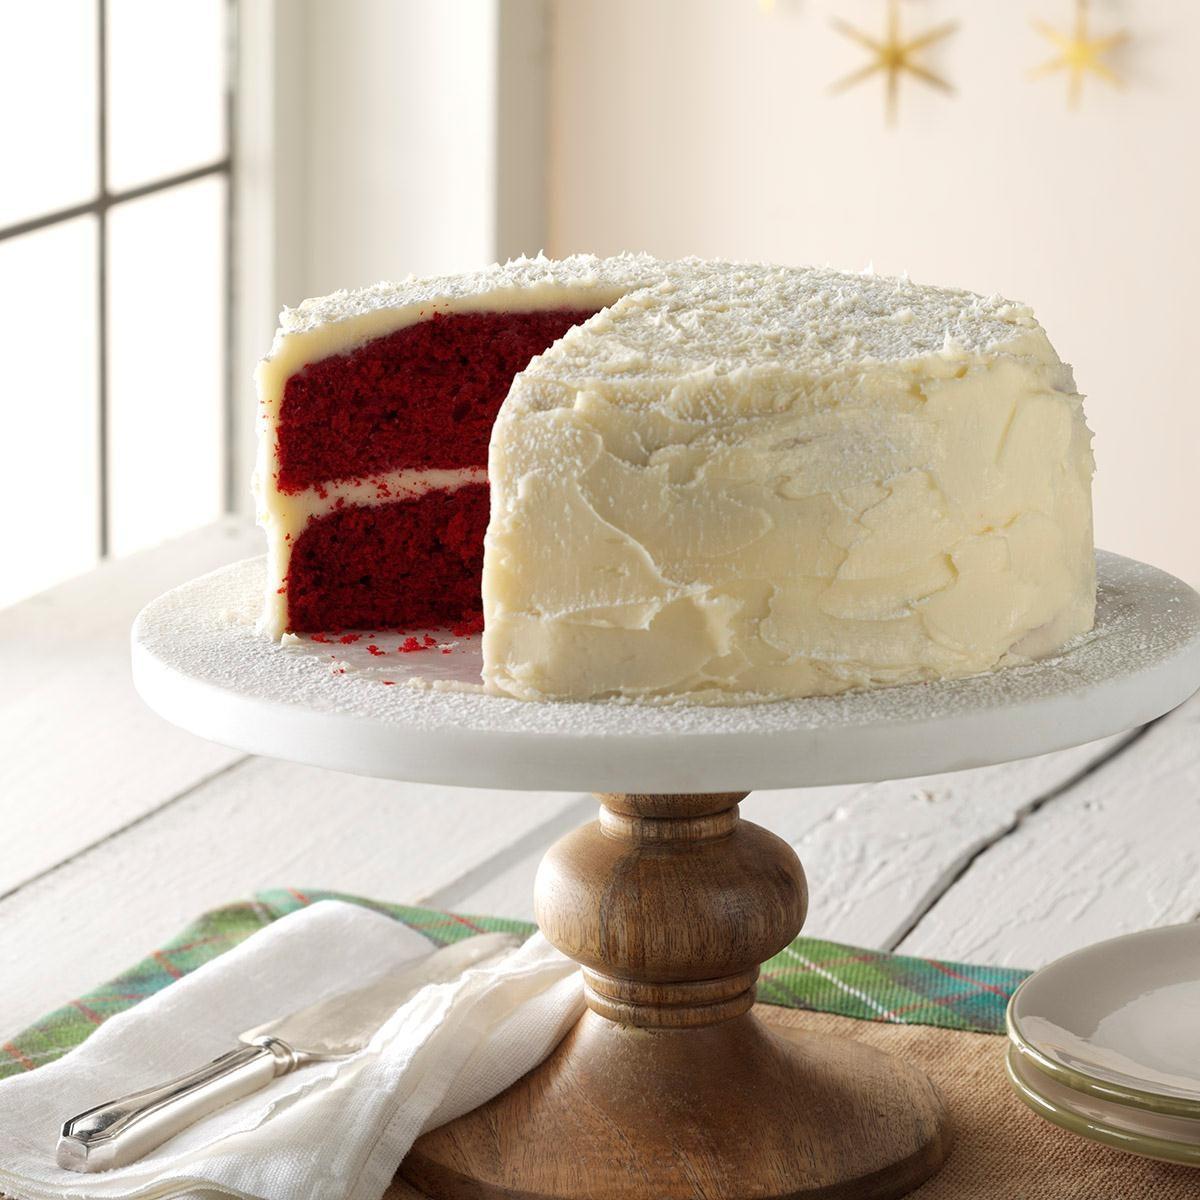 Taste of home peppermint red velvet cake recipe